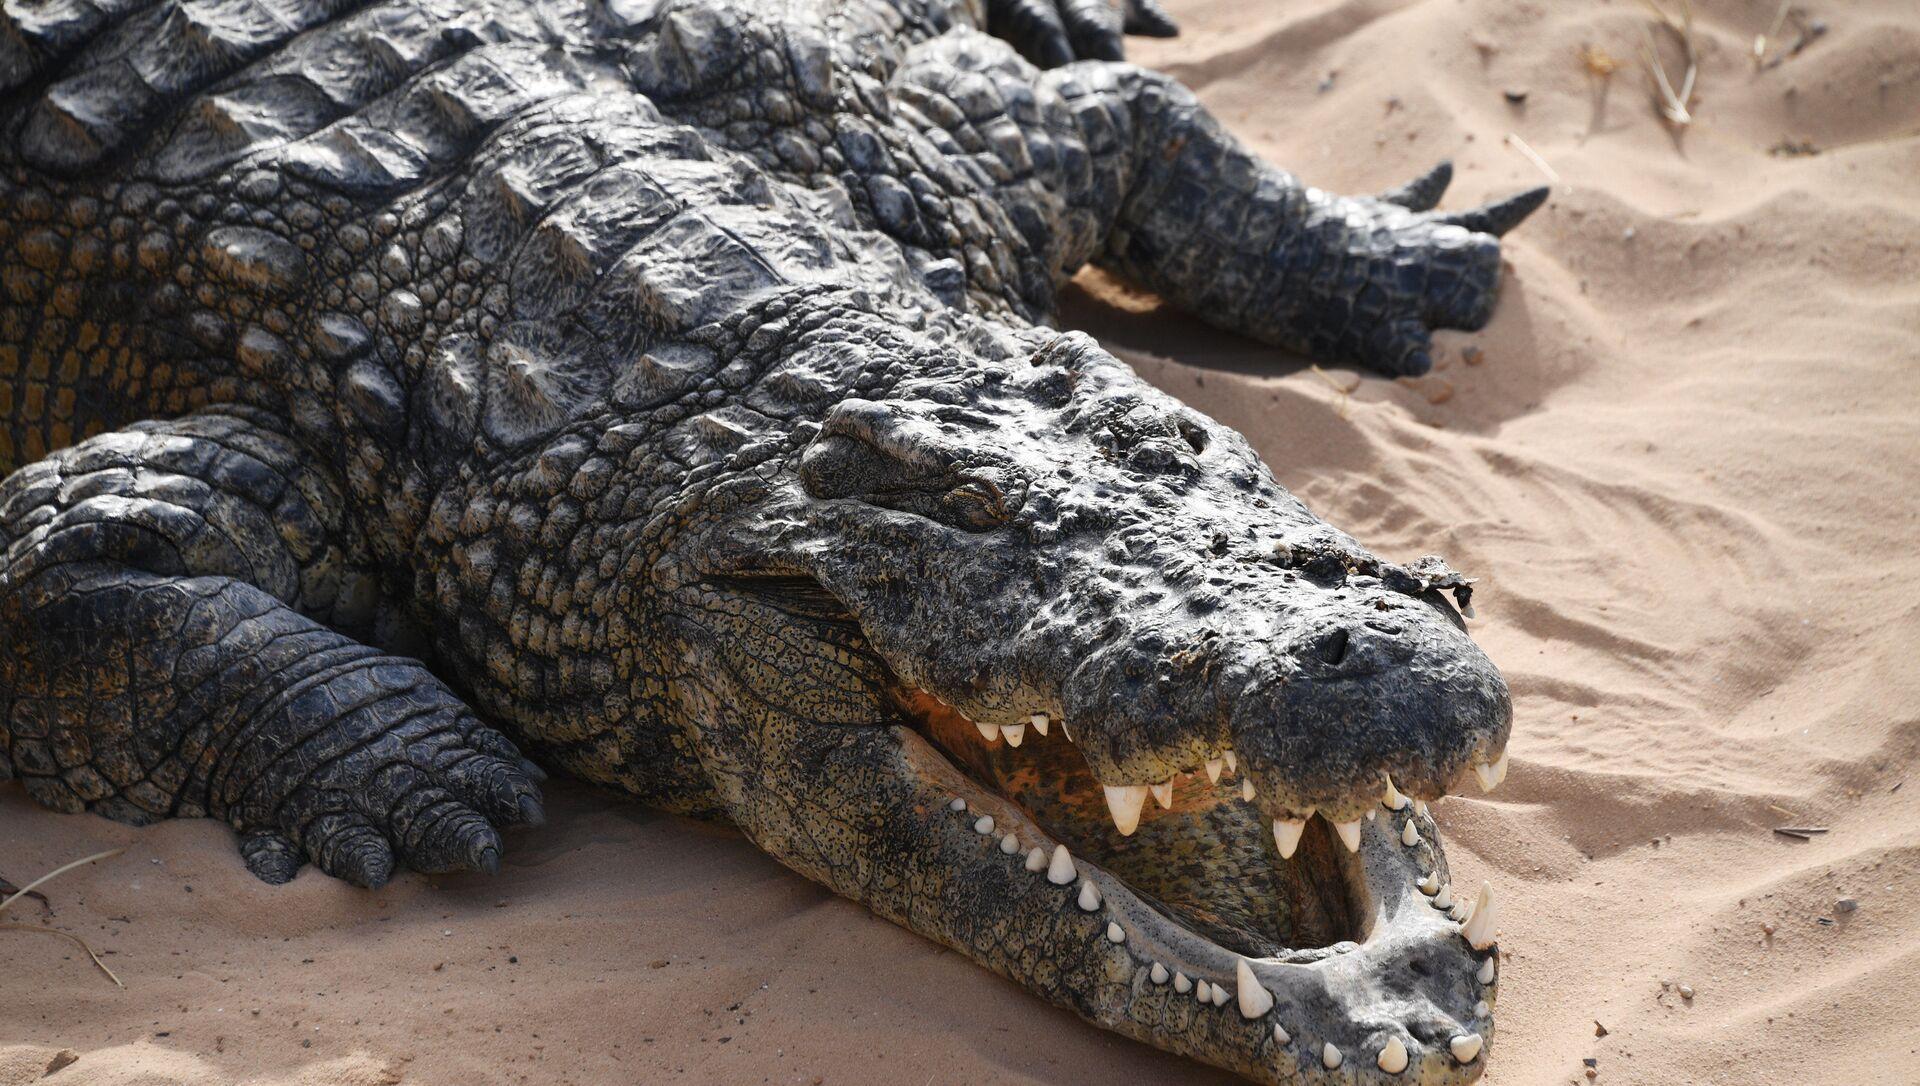 Un crocodile - Sputnik France, 1920, 24.03.2021